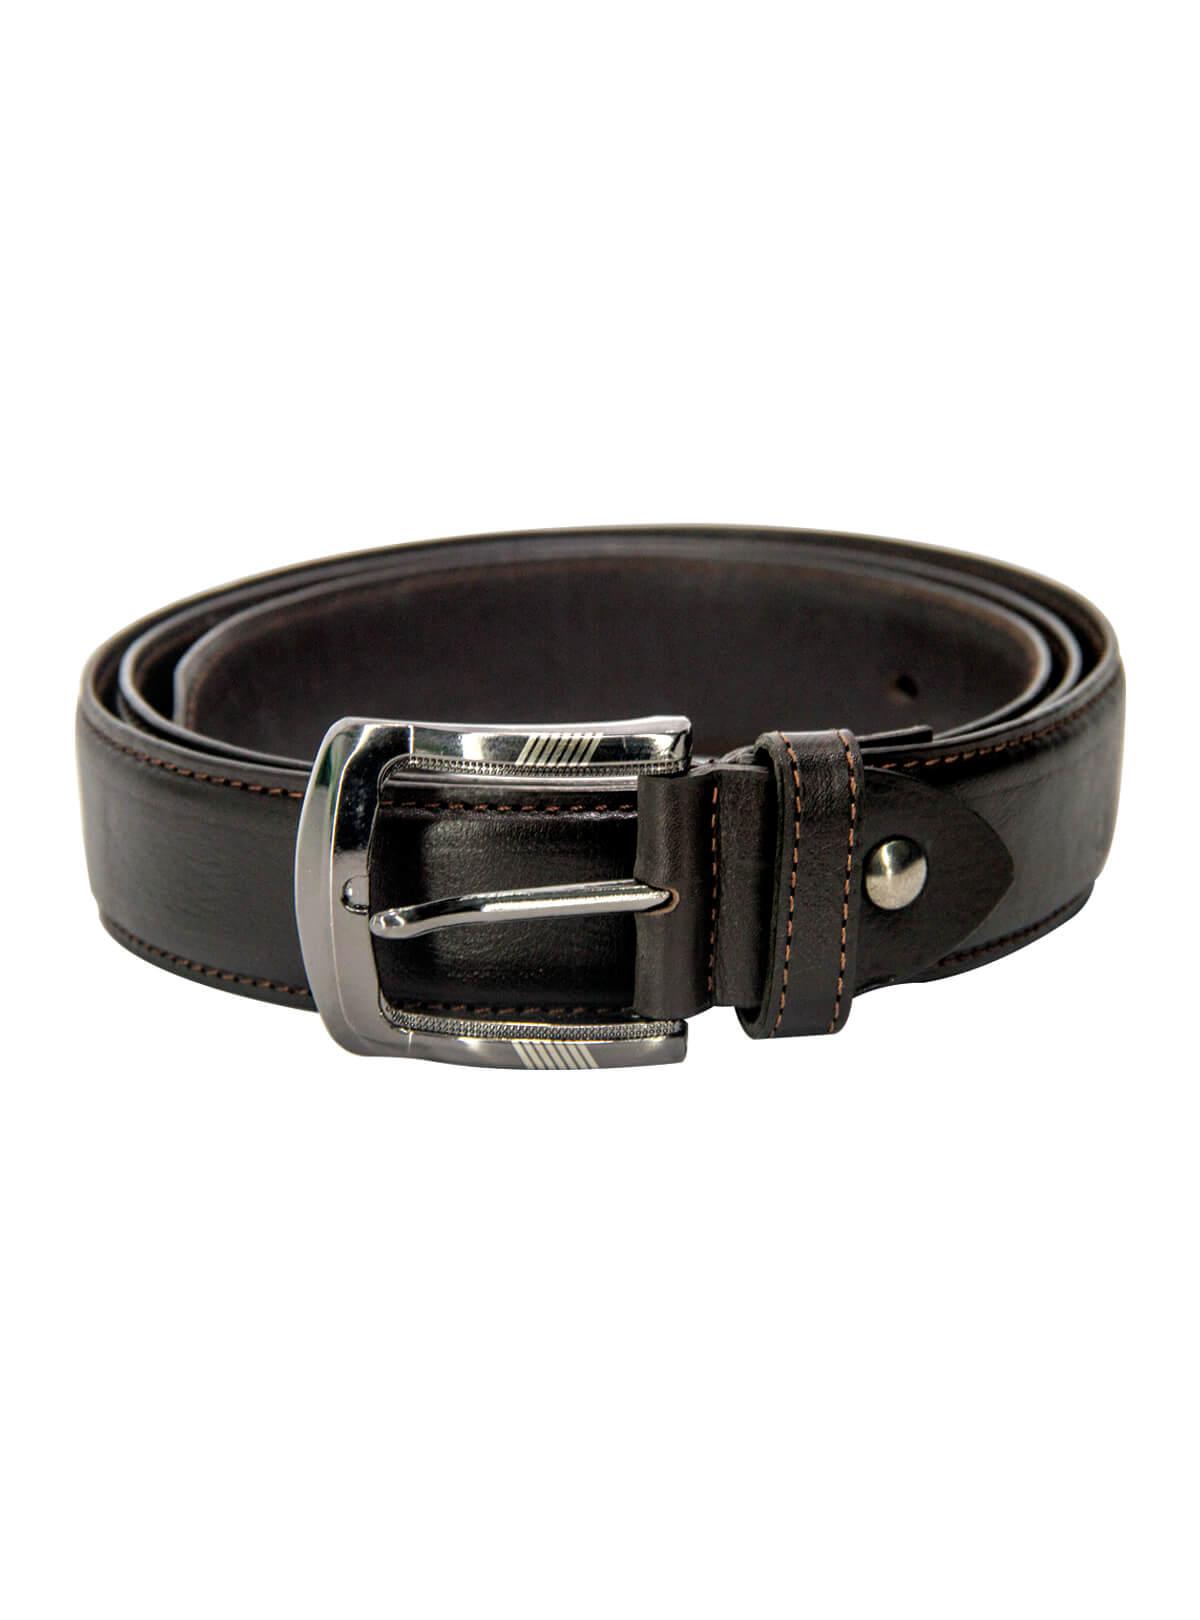 Wood Bark Brown Leather Formal Belt For Men